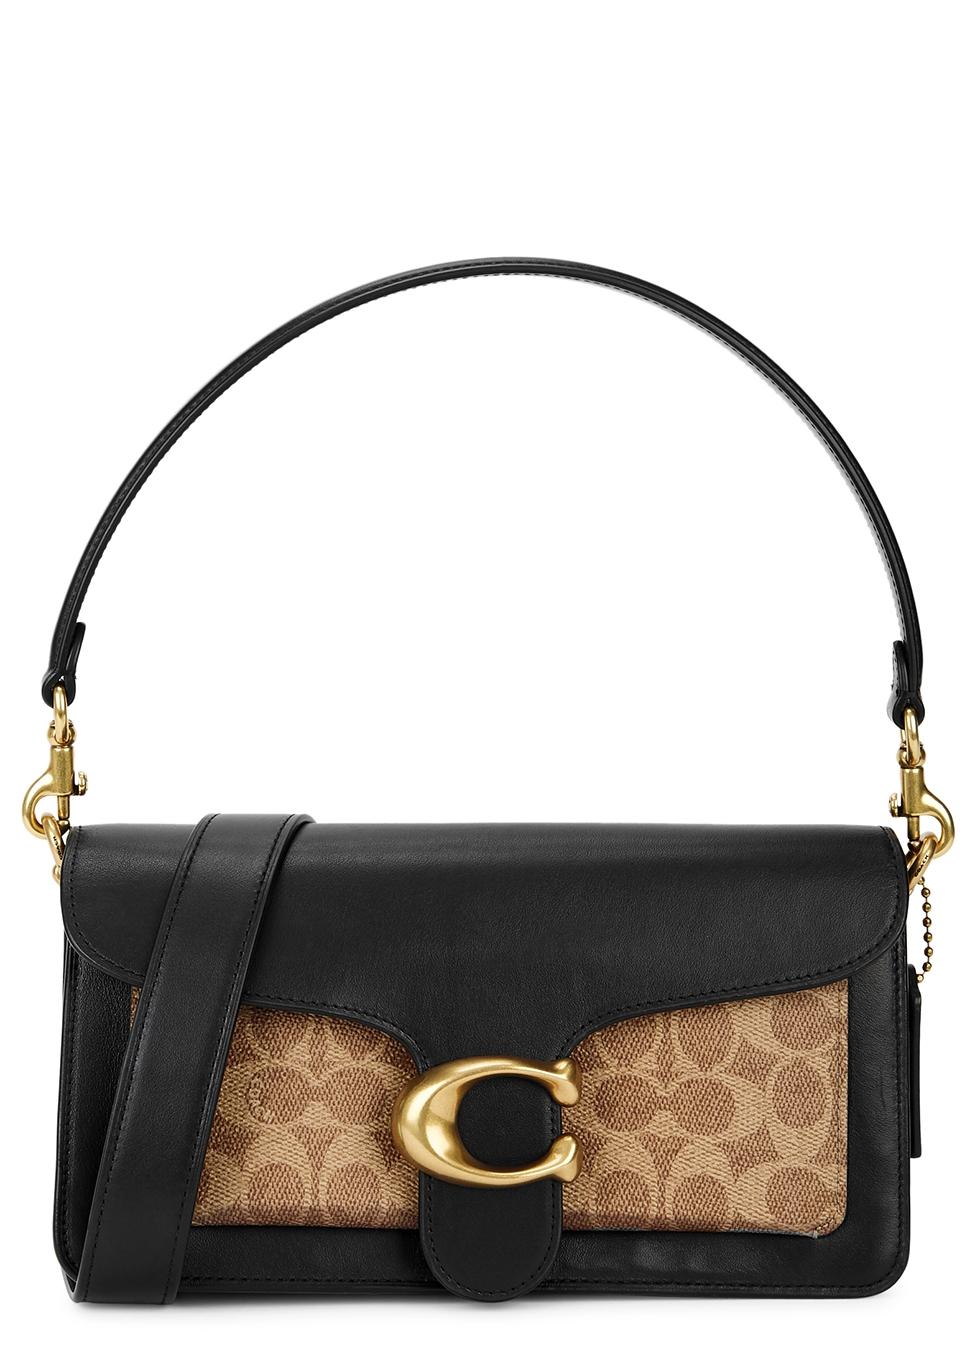 Tabby 26 black leather shoulder bag